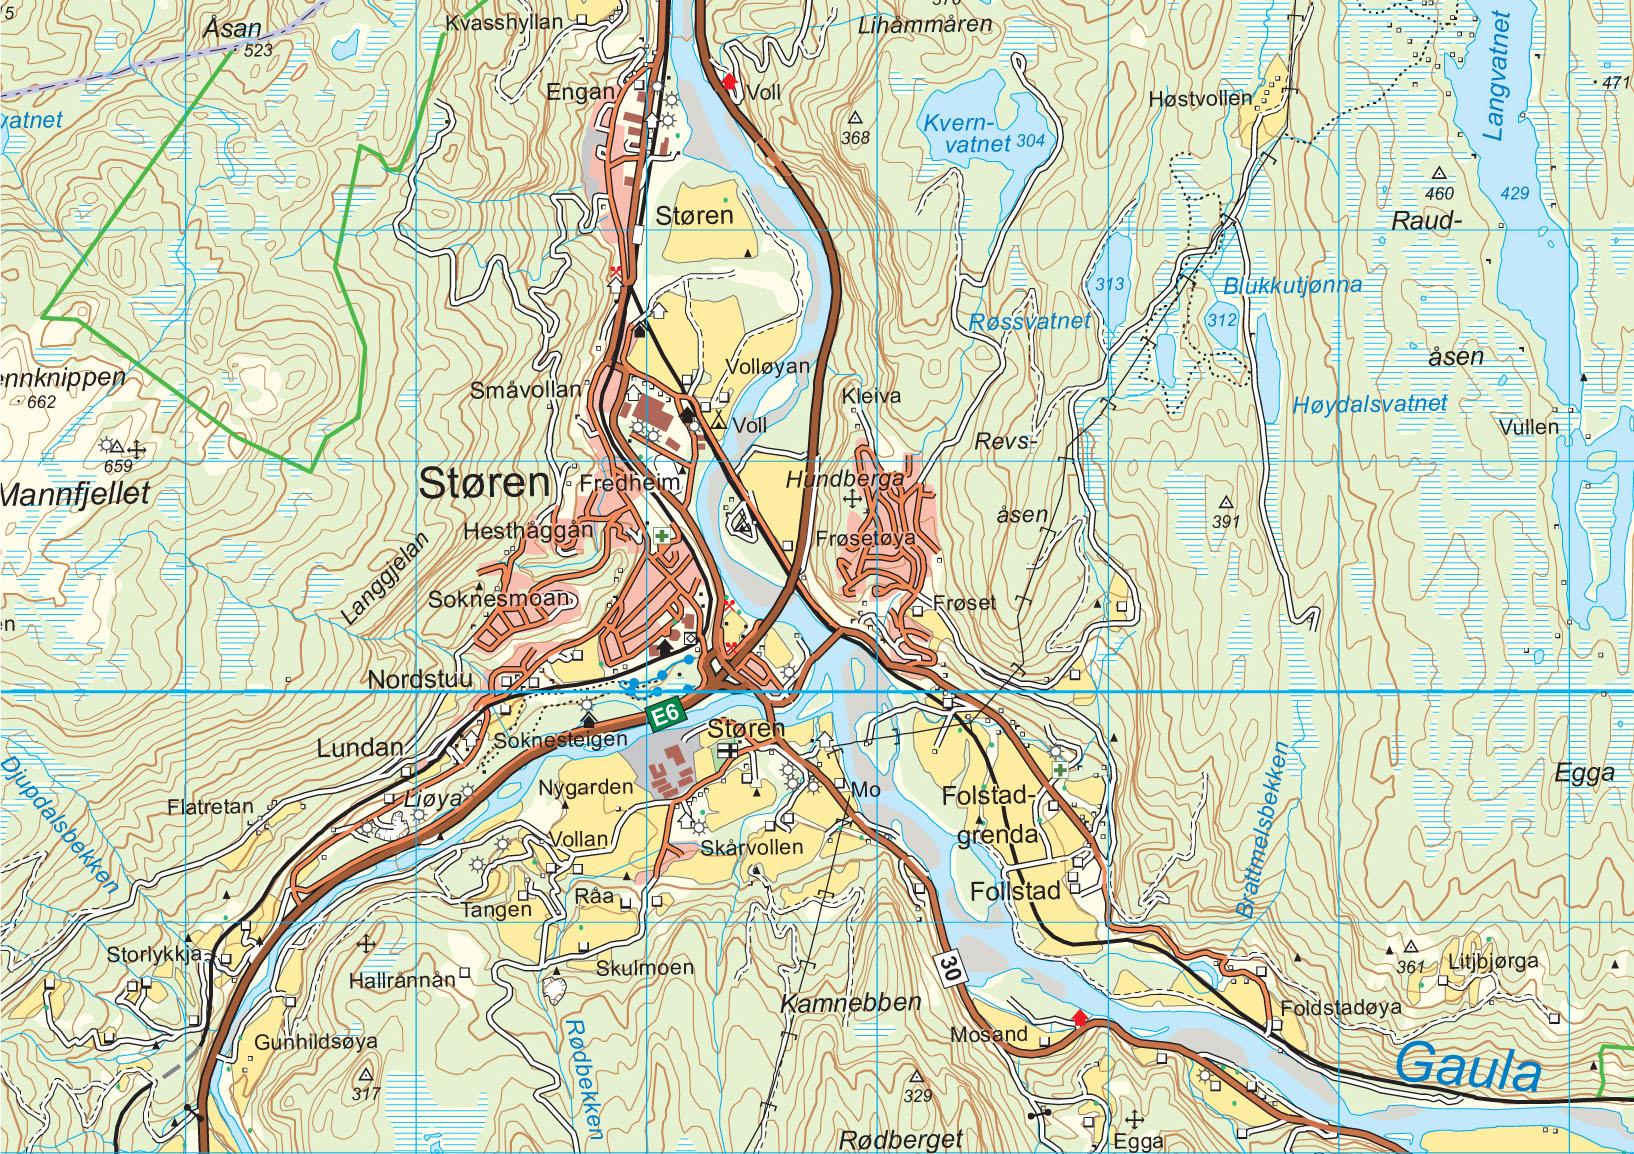 norge serien kart Wandelkaart   Topografische kaart 10039 Norge Serien  norge serien kart